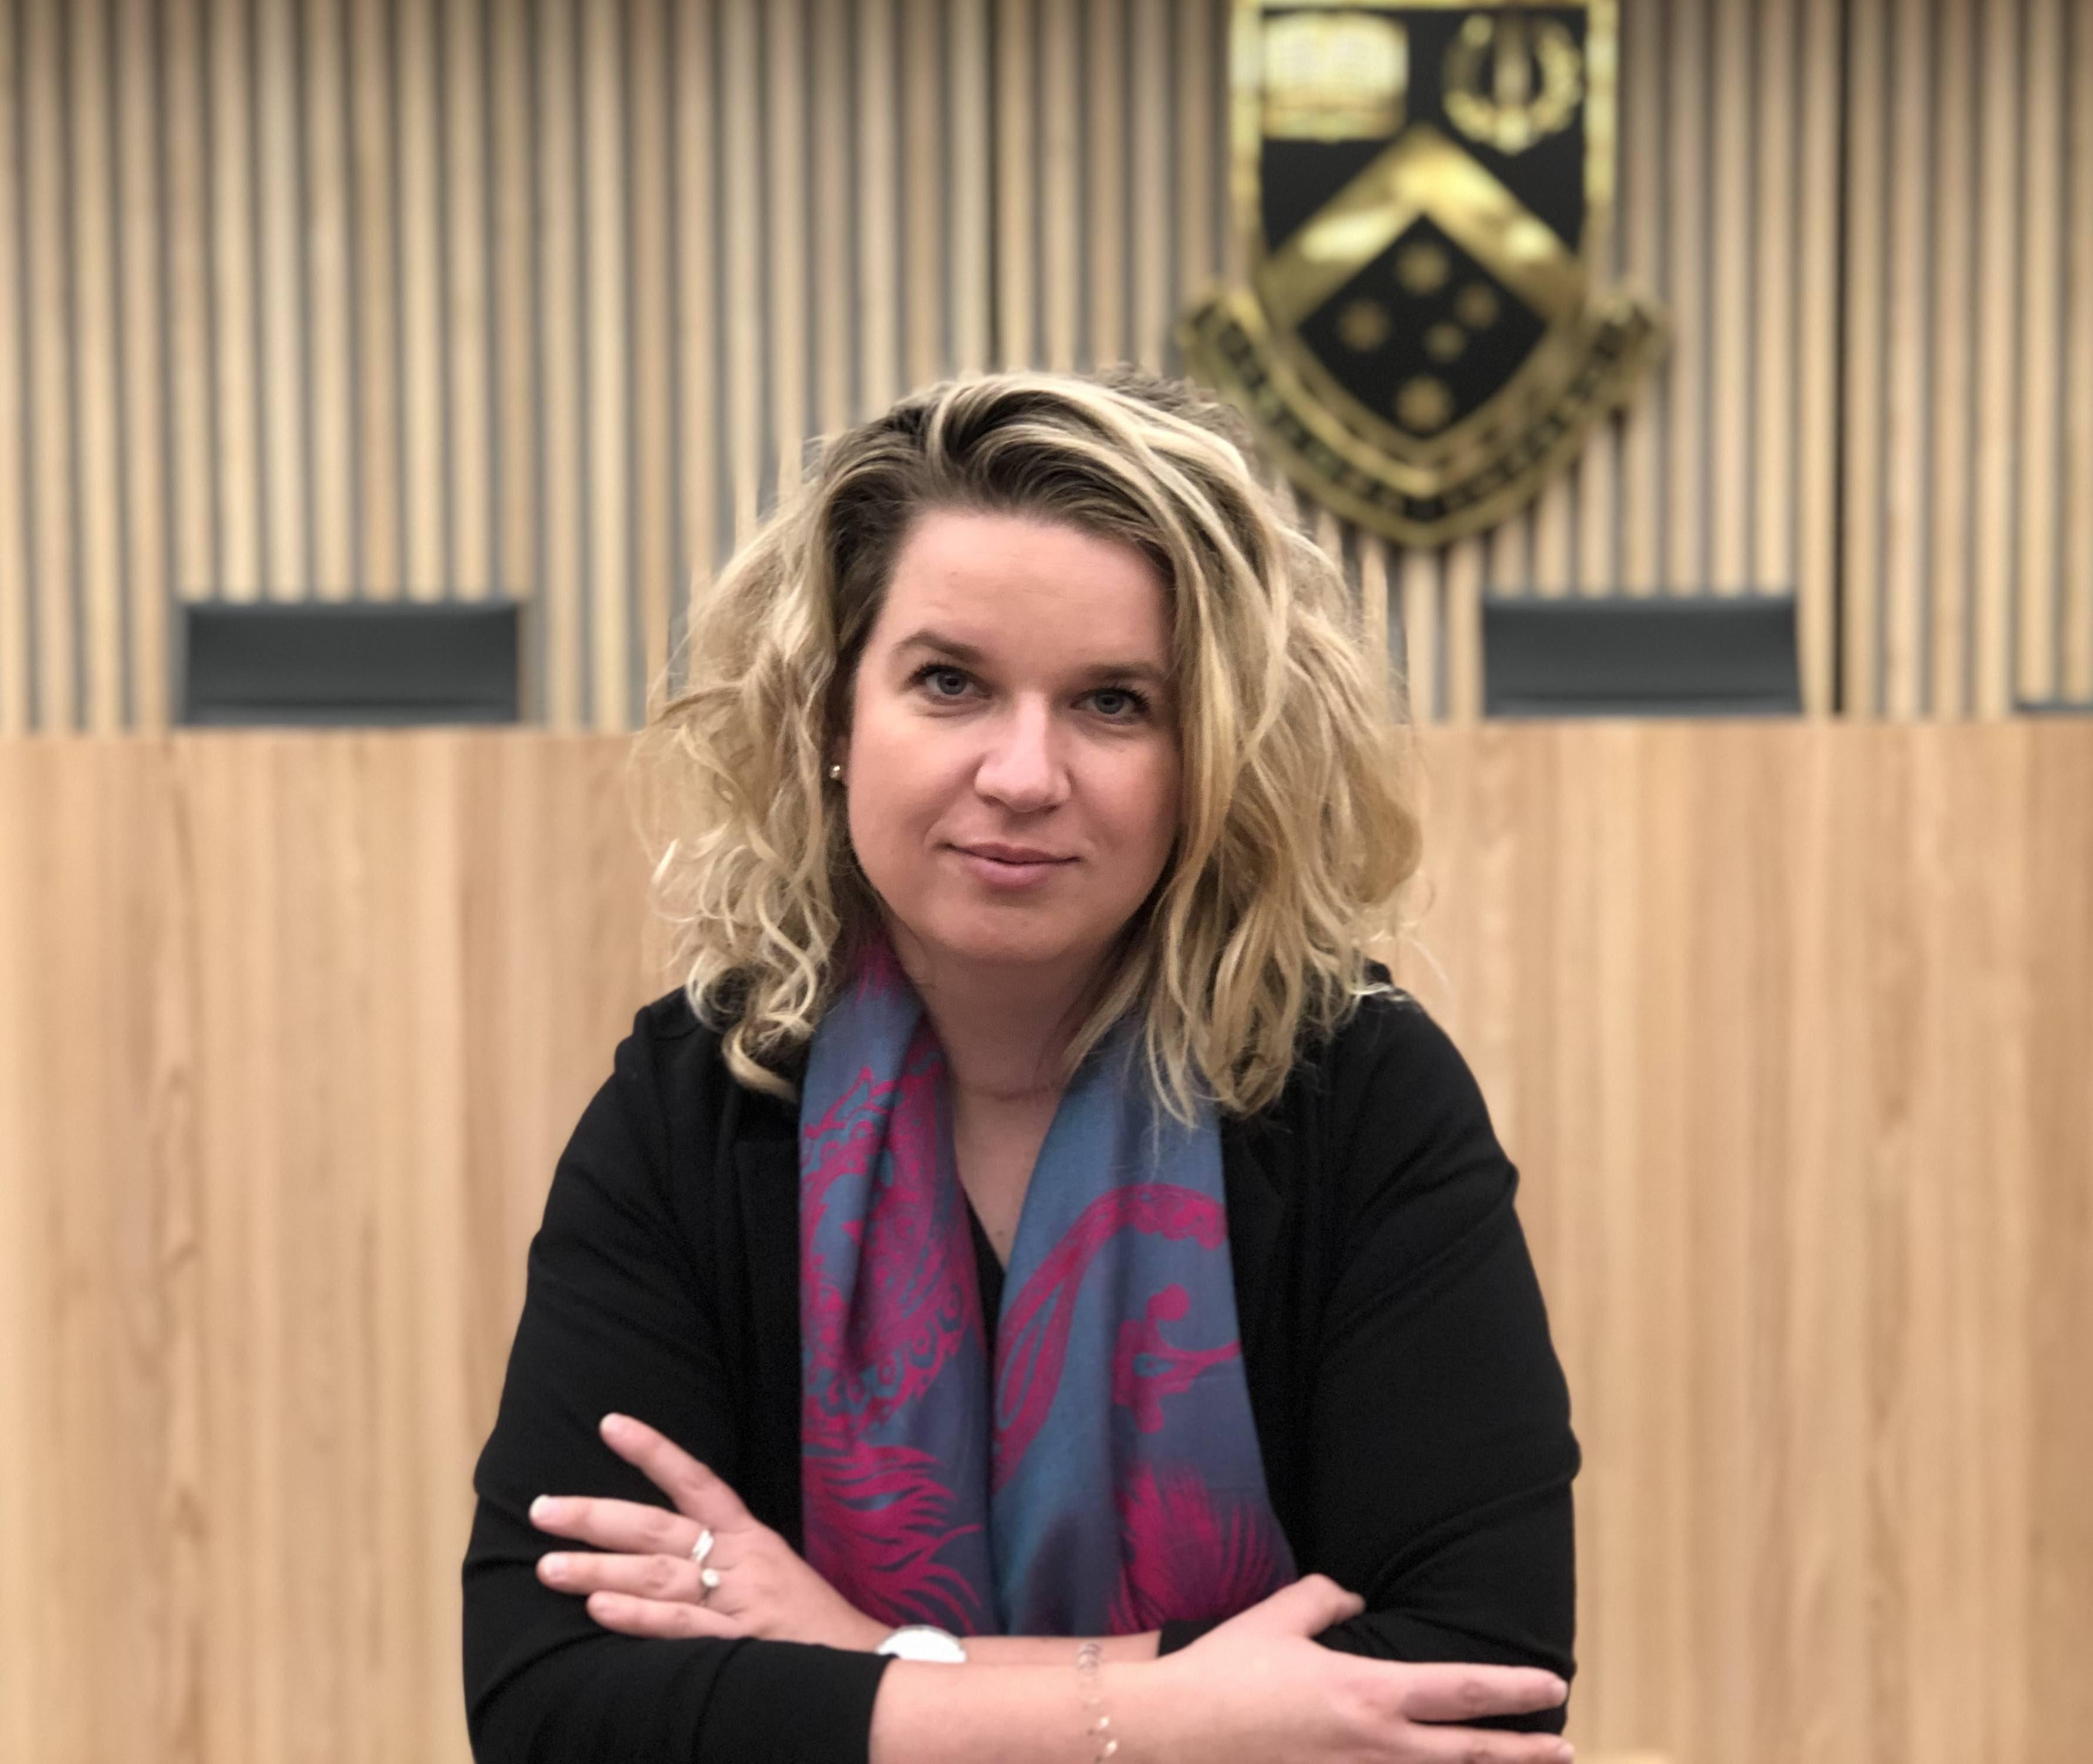 Natalia Antolak-Saper